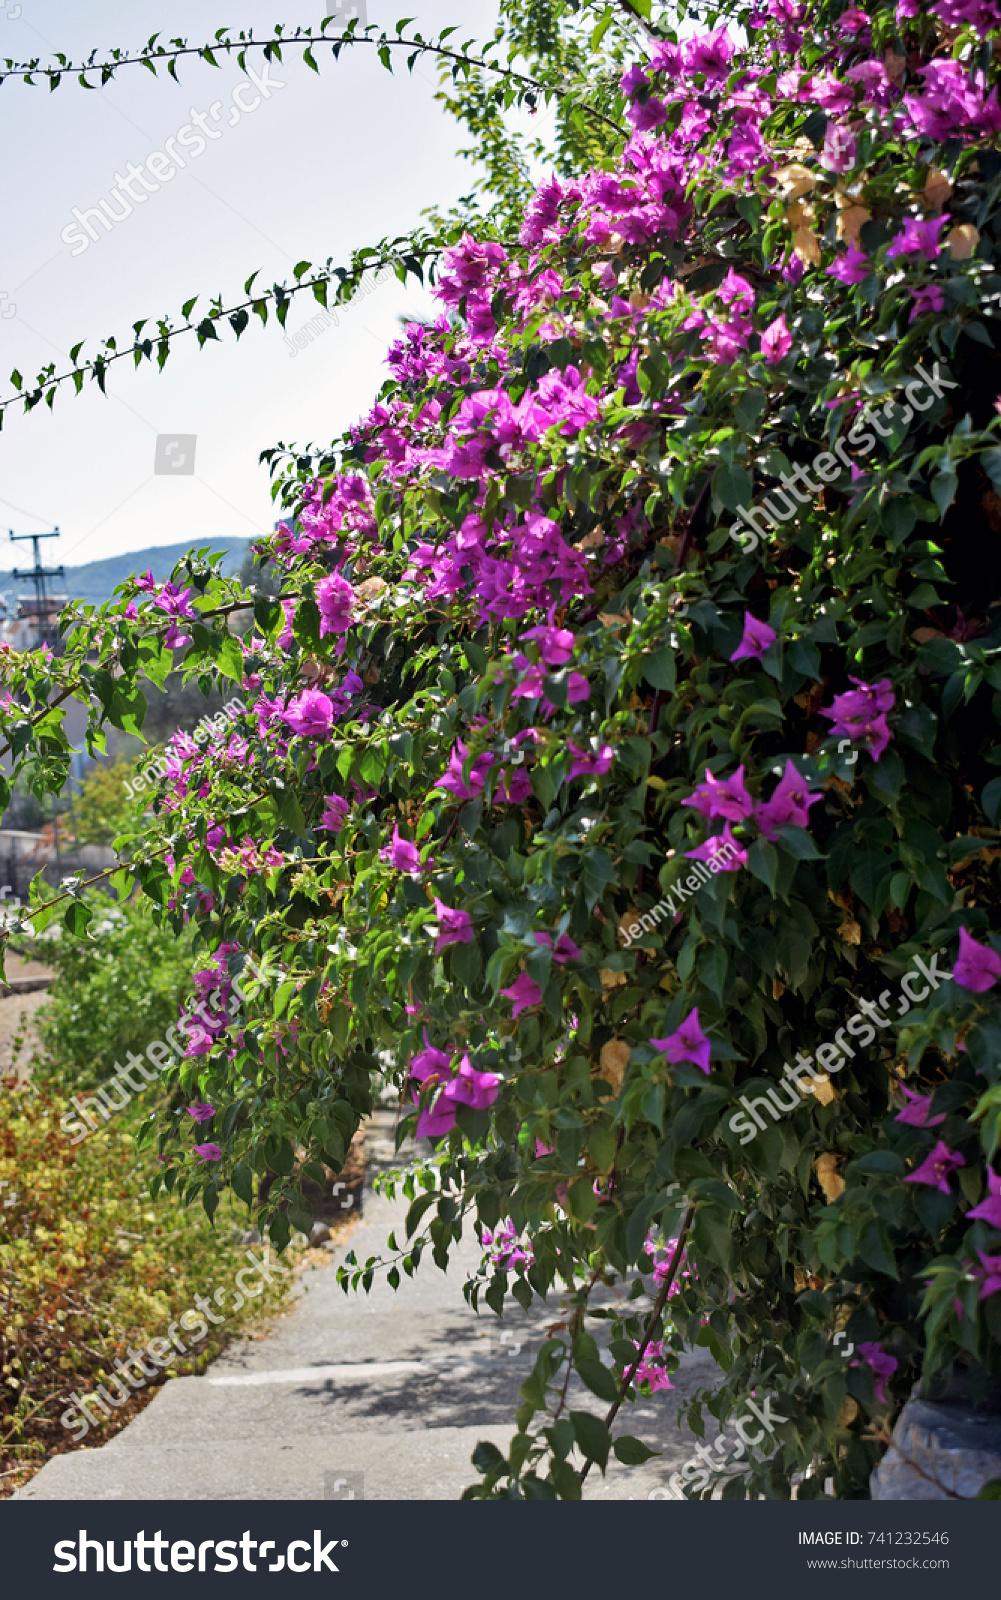 Large Pink Flowering Bush Shrubs Lining Stock Photo Edit Now